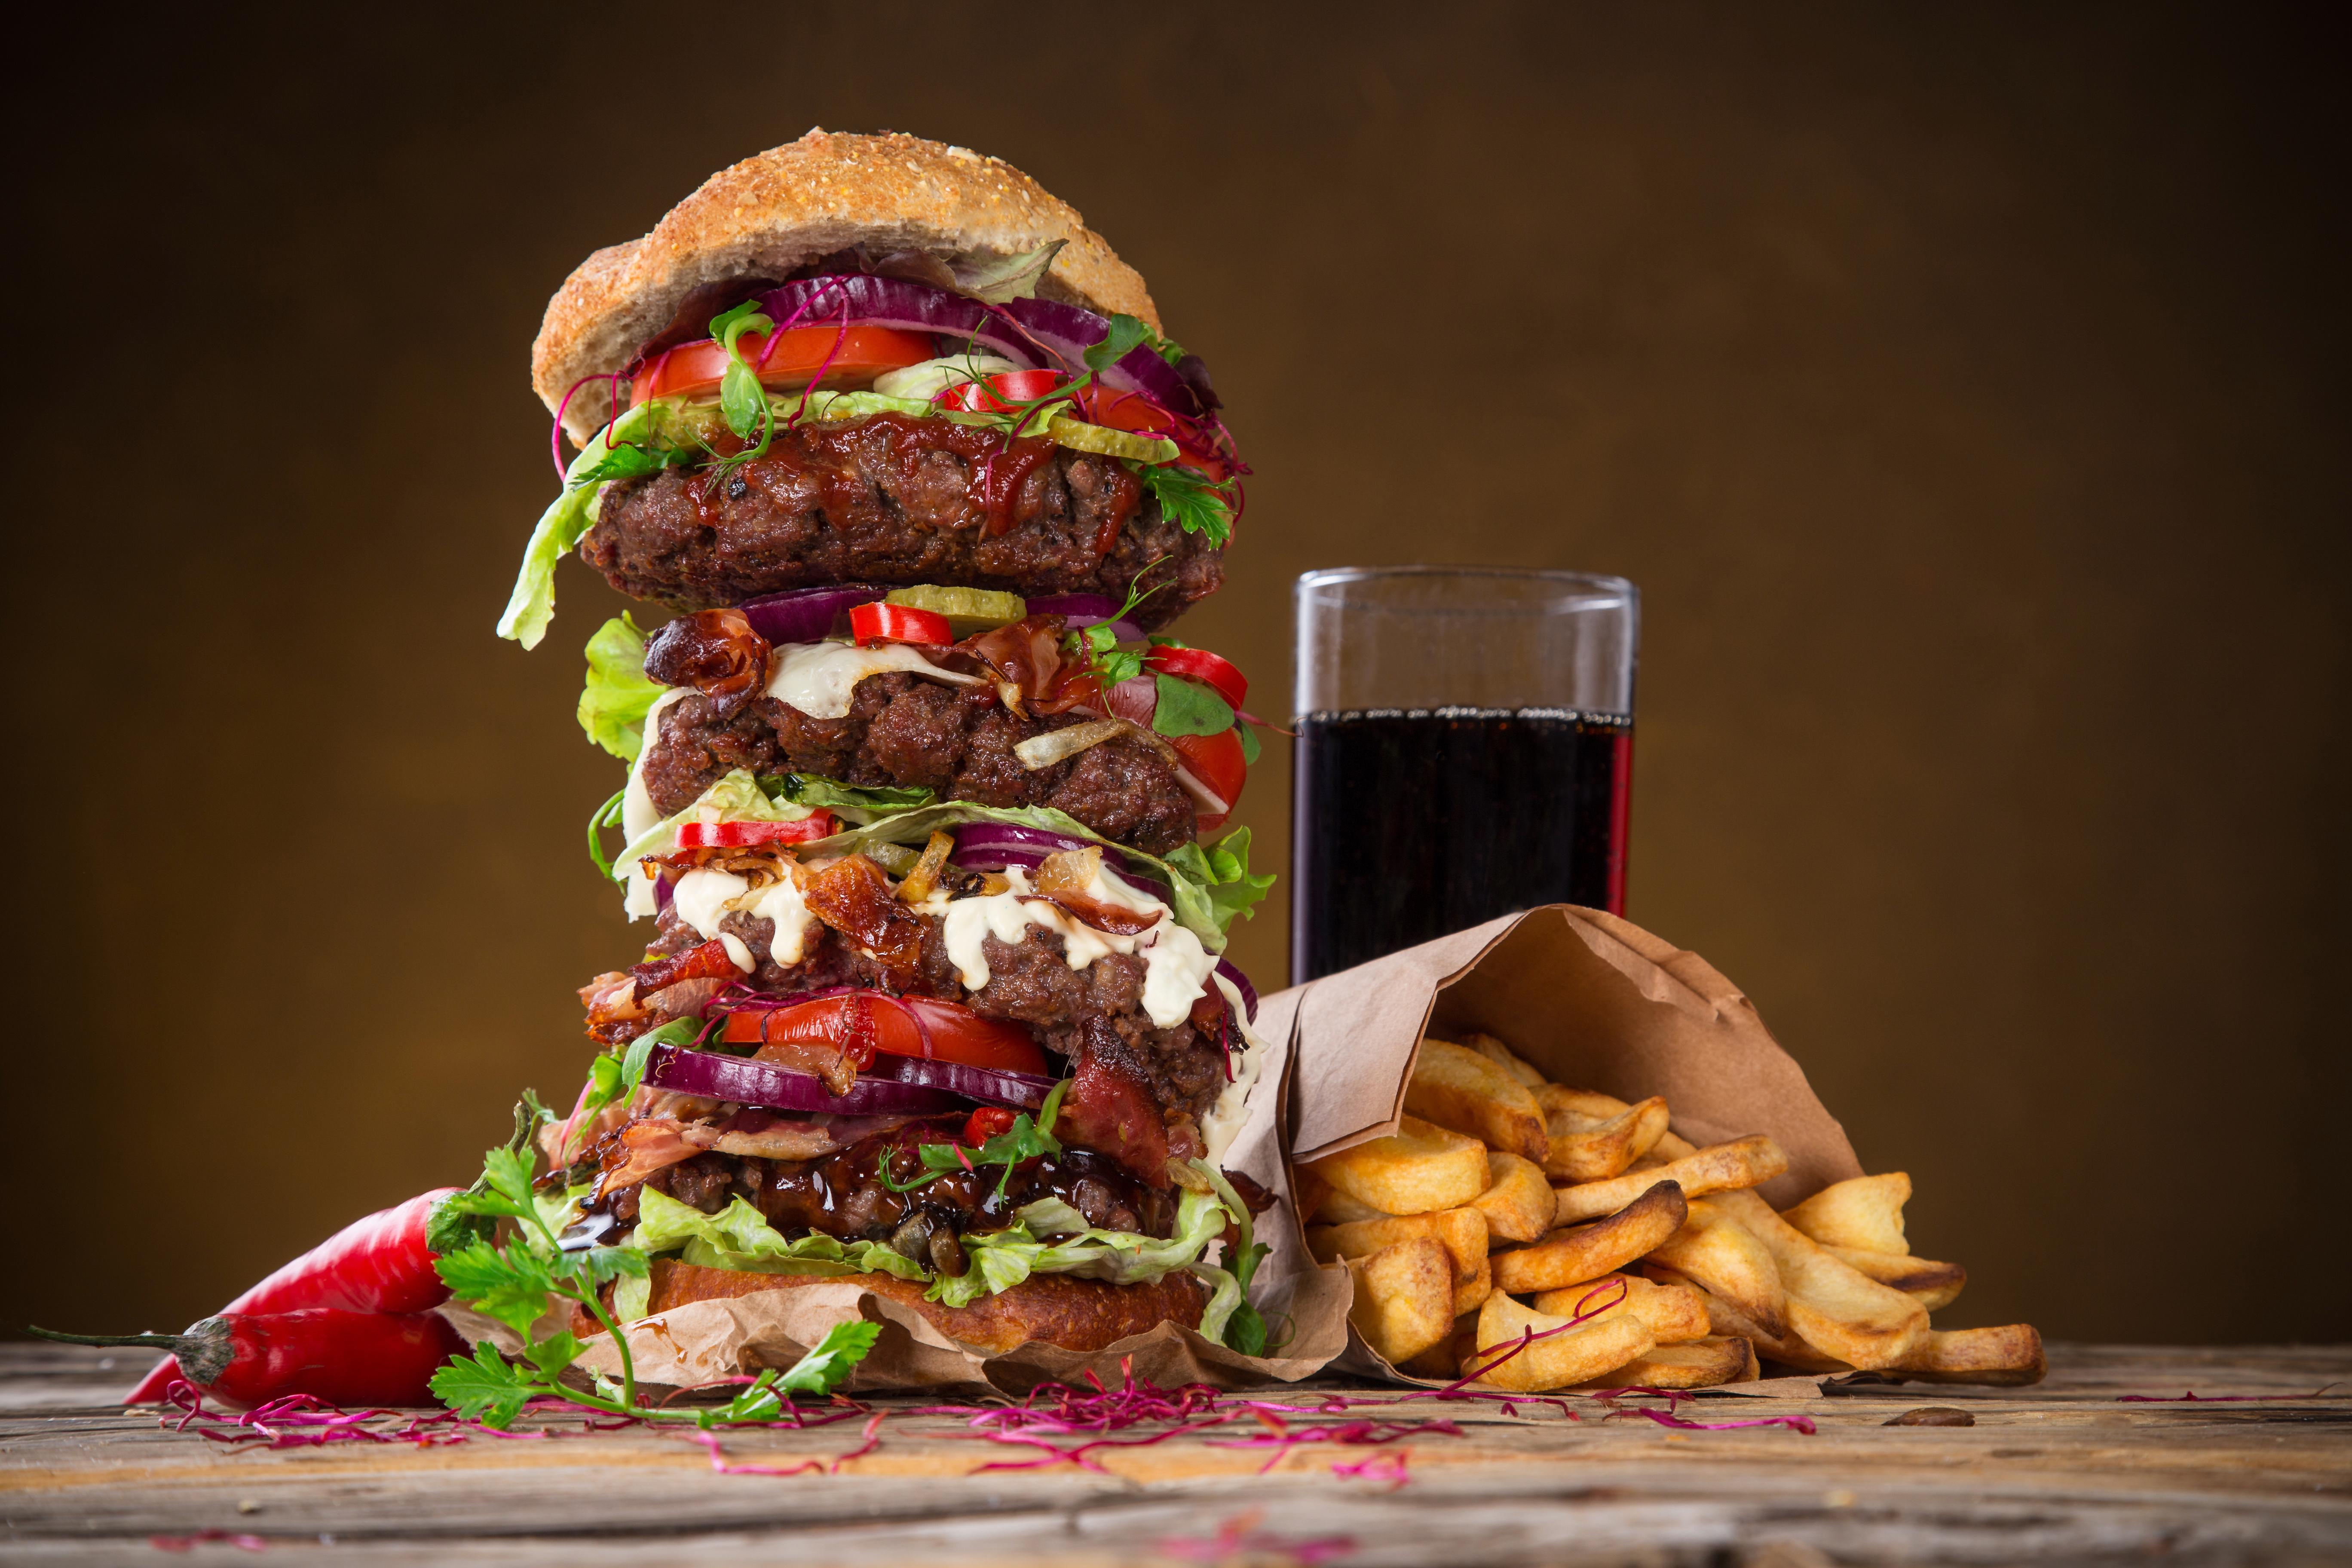 Обои Гамбургер Картофель фри Стакан Быстрое питание Продукты питания Напитки 5472x3648 стакана стакане Фастфуд Еда Пища